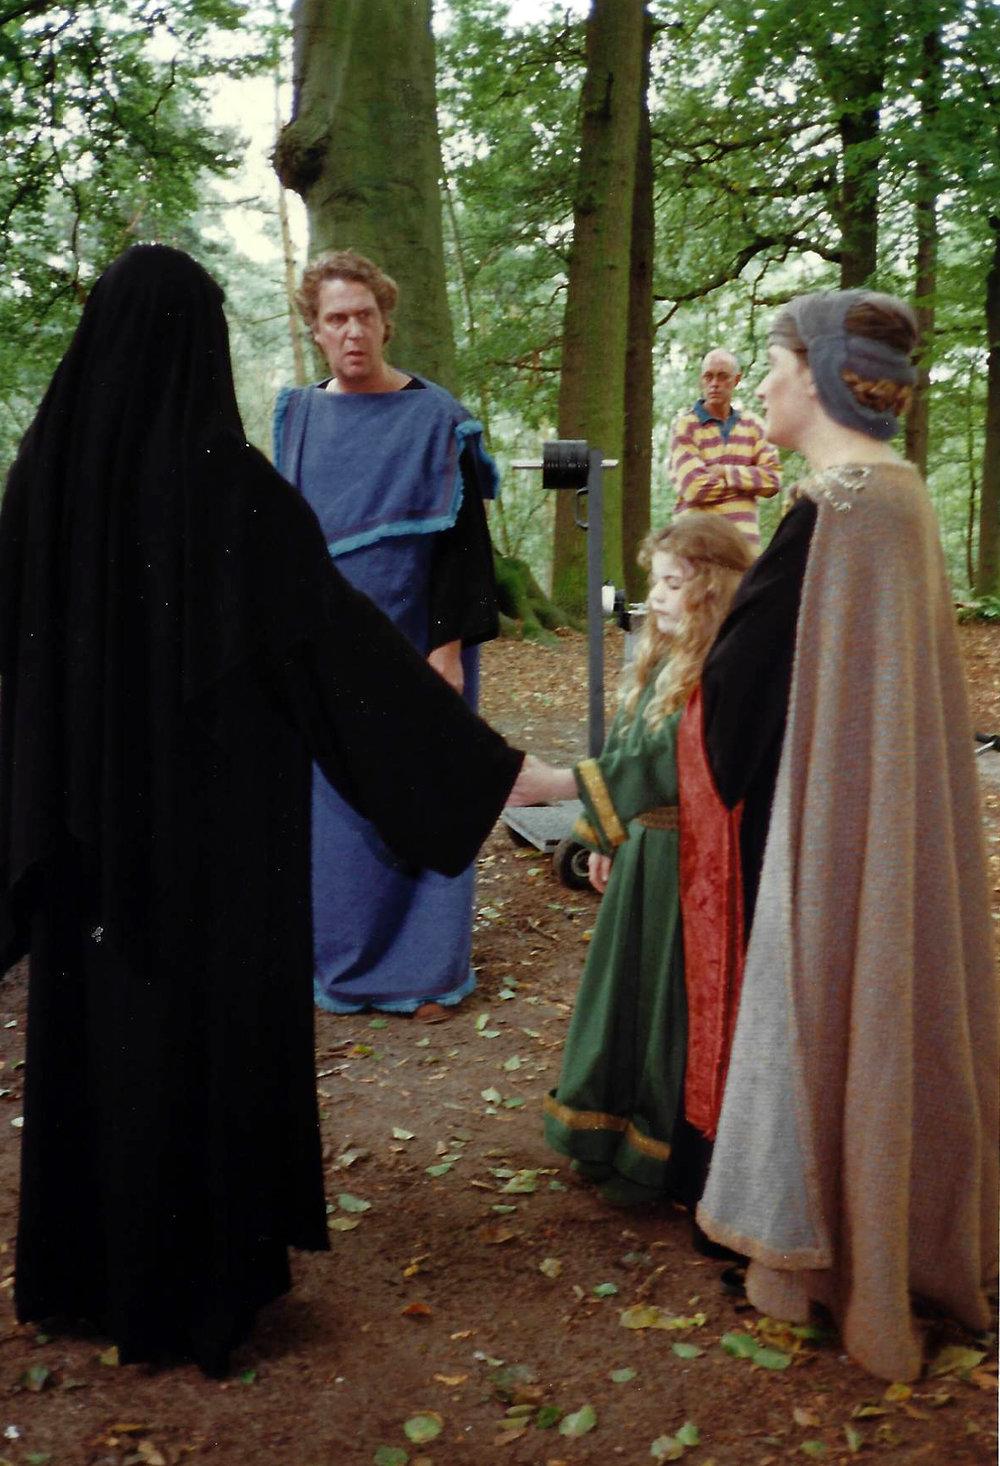 Voorbereiding opnames: de kleine HIldegard wordt door haar adellijke ouders aan haar tante, de non Jutta gegeven. Opnames gemaakt in de Kluis van Bolderberg, in een omgeving die de sfeer van Disibodenberg oproept.